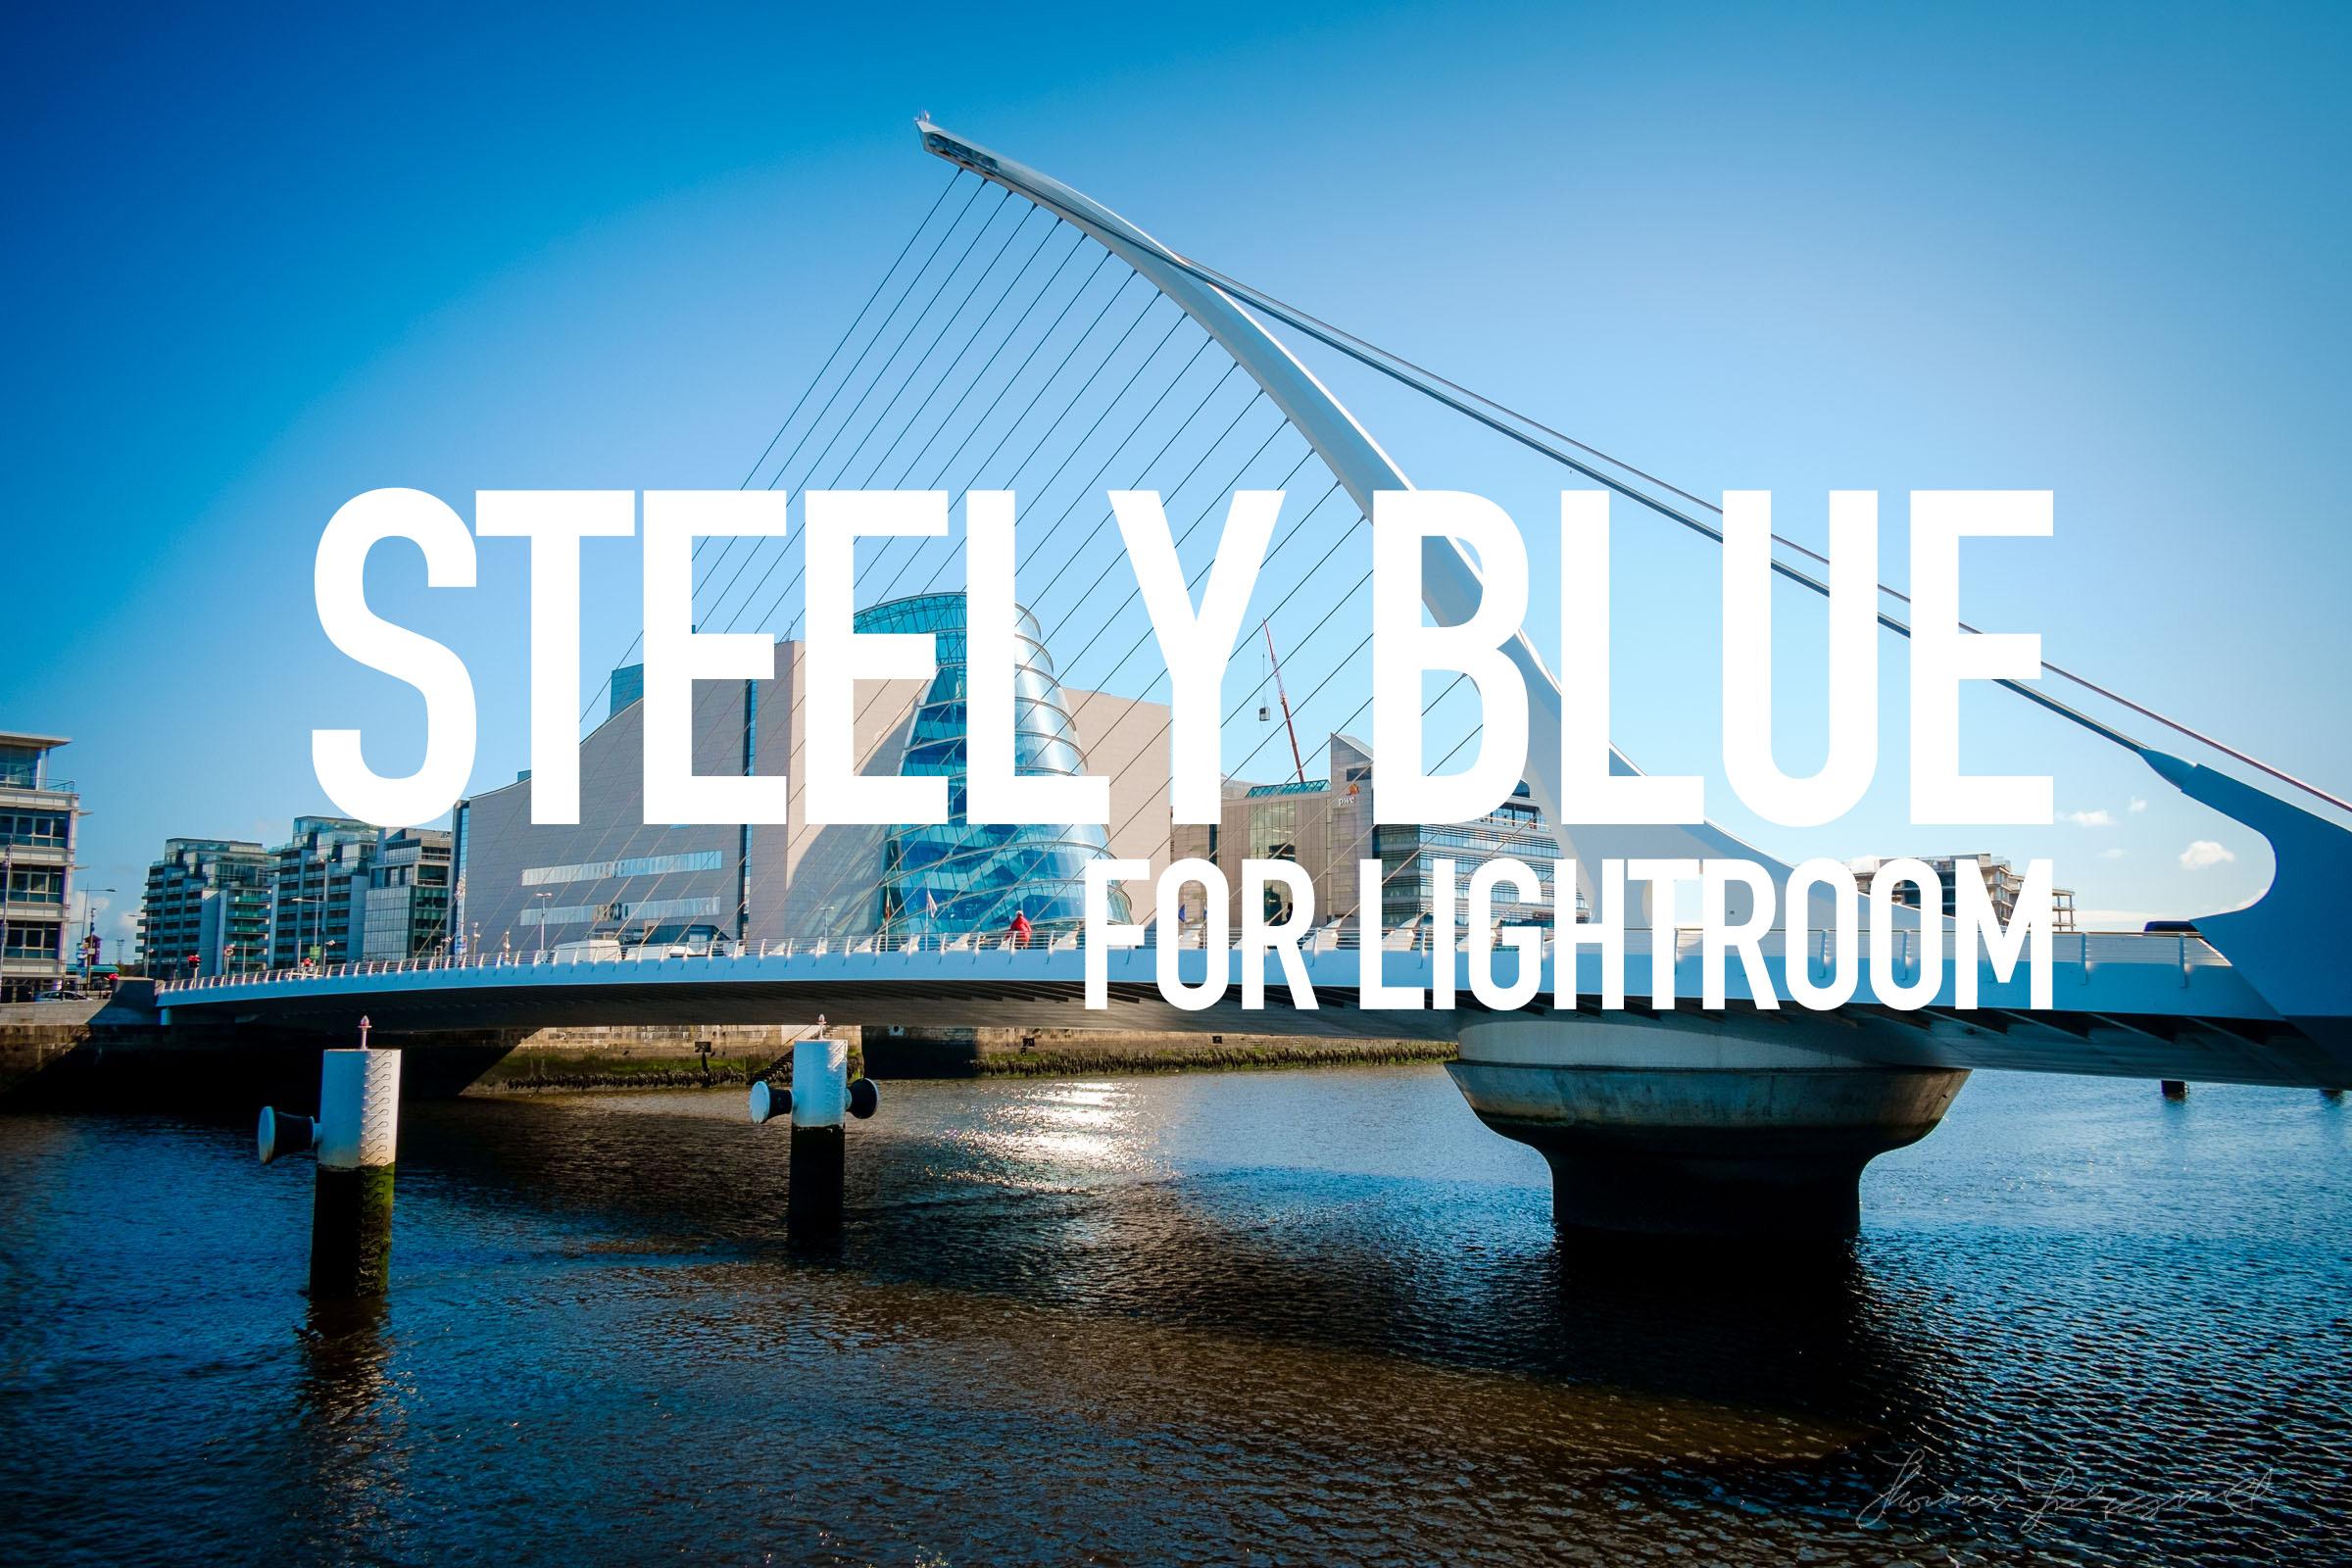 Steely-Blue-for-lightroom-lightroom-presets-examples-02